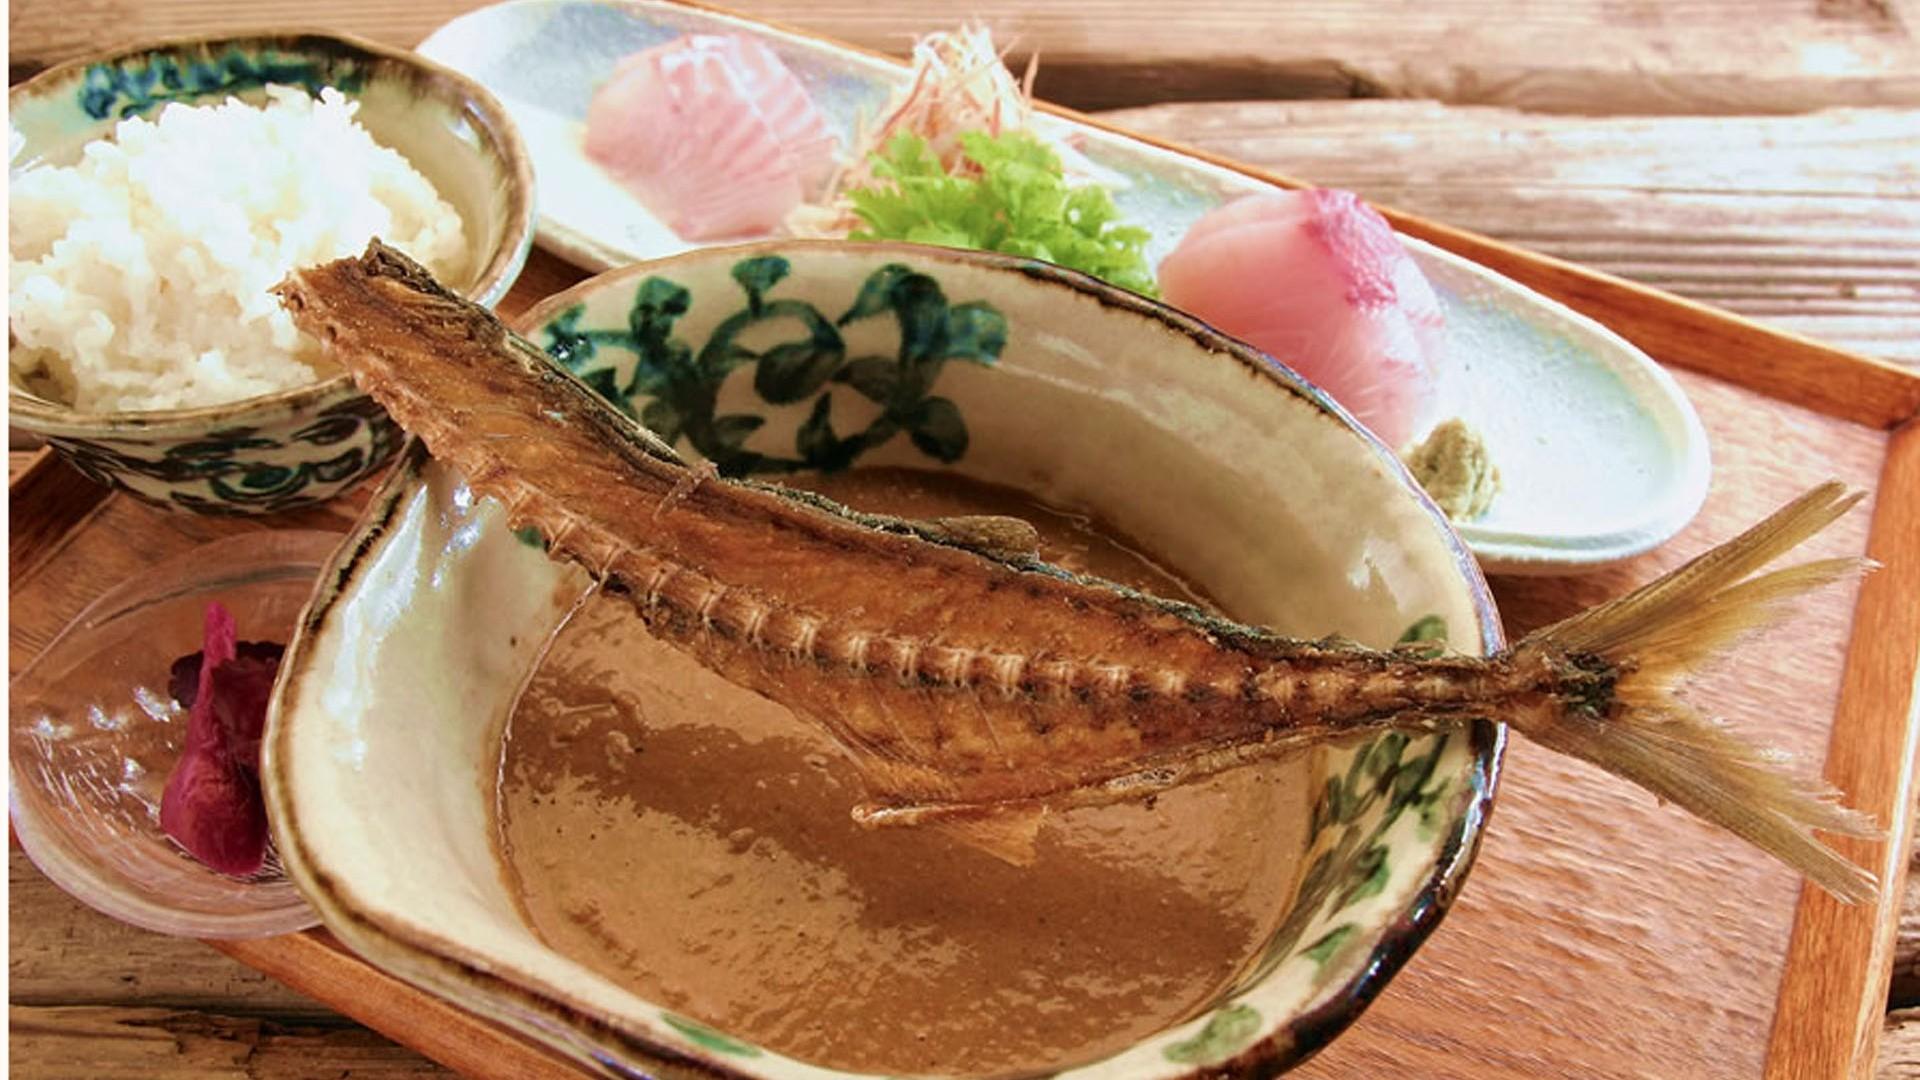 Enoshima Koya (Fischküche in der Hütte)